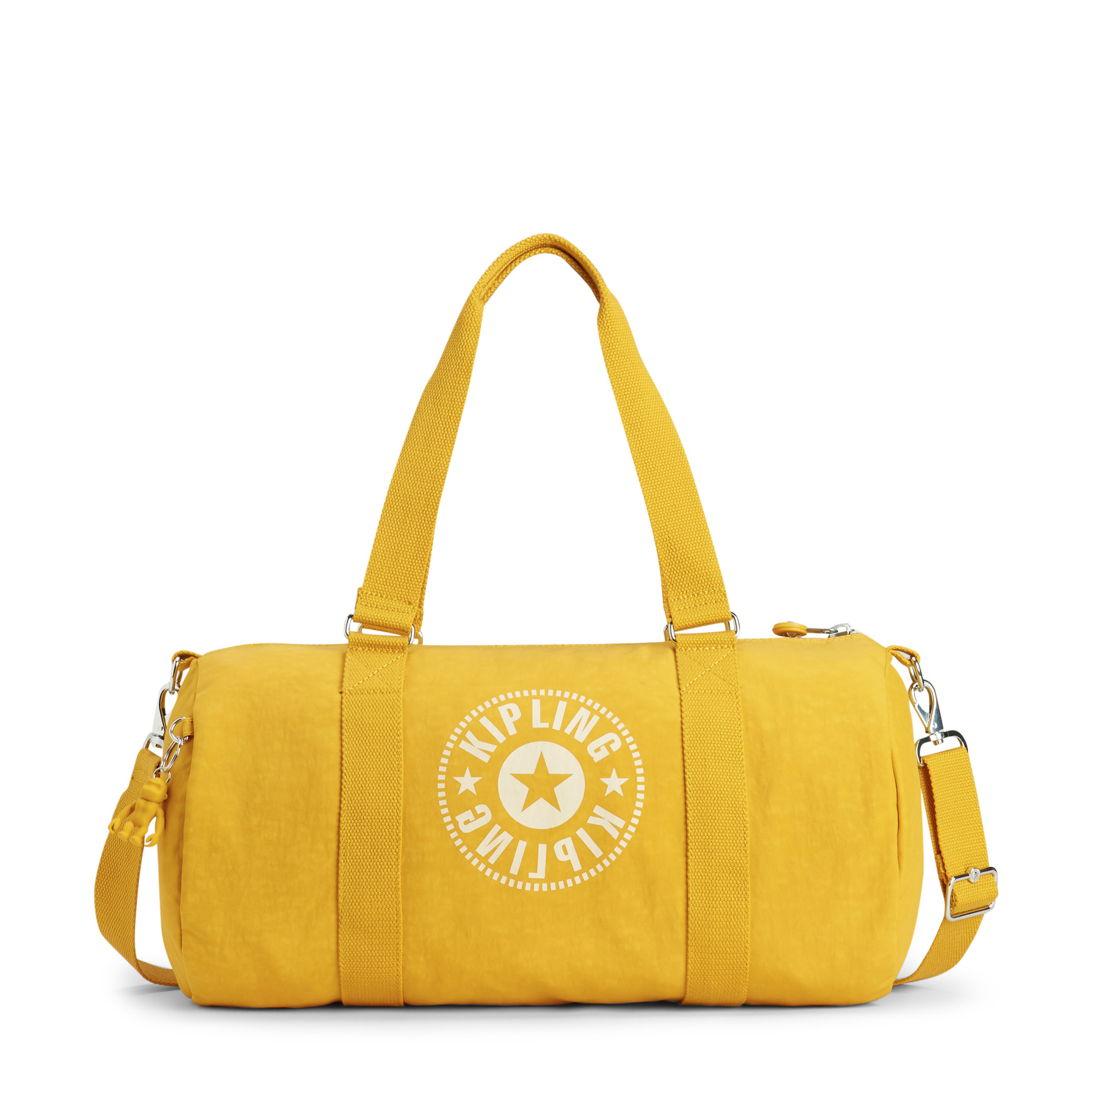 ONALO Lively Yellow - £84